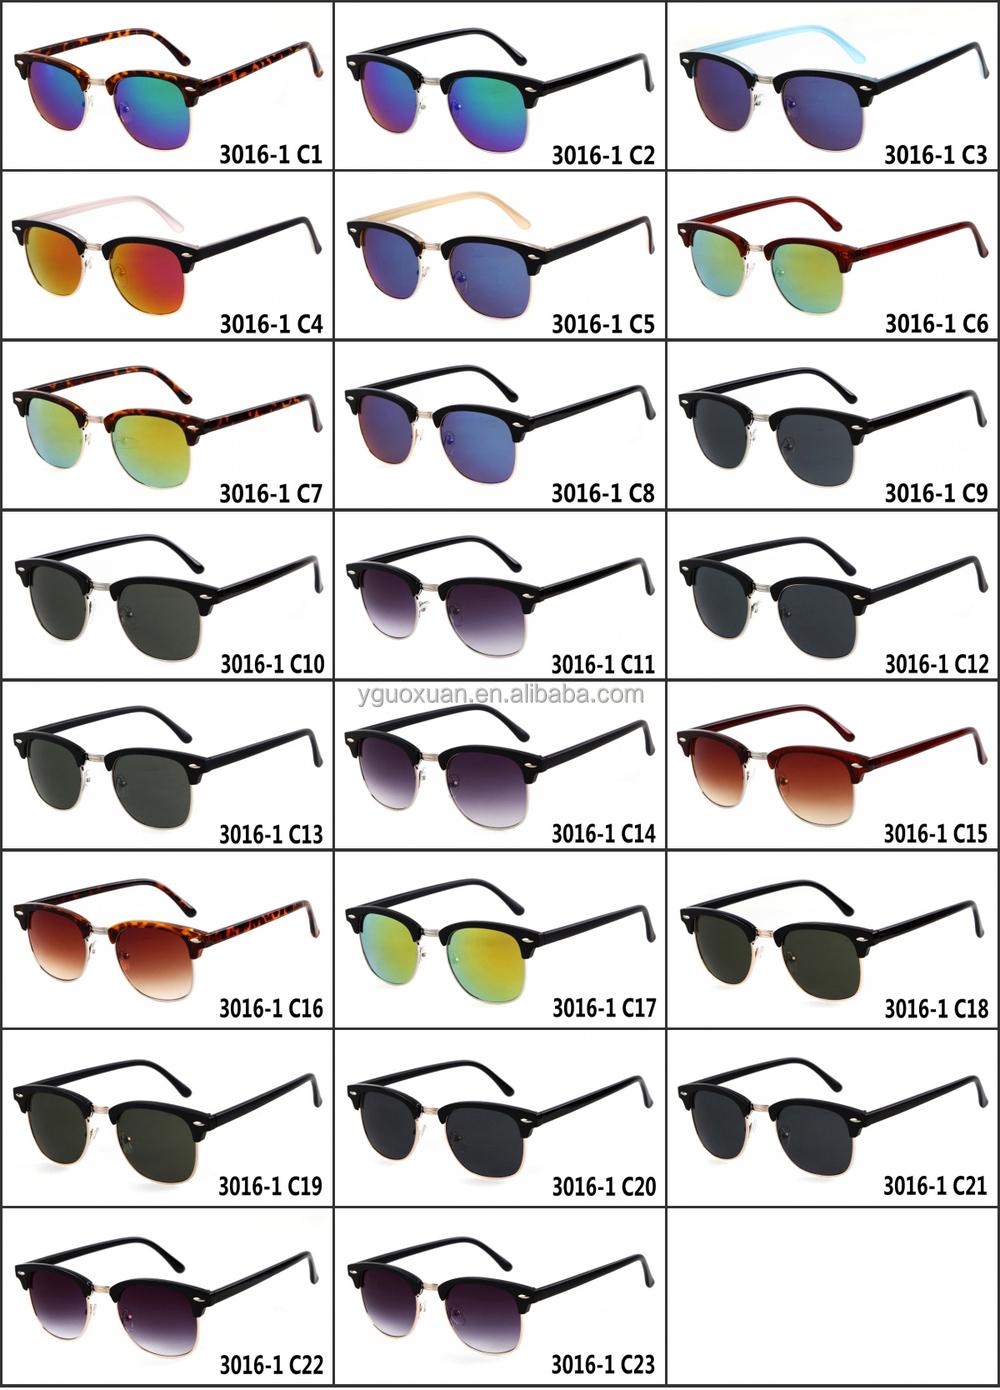 320ddefcb Italy Design óculos CE Moda Retro Dos Óculos De Sol 2015 de Alta Qualidade  óculos de